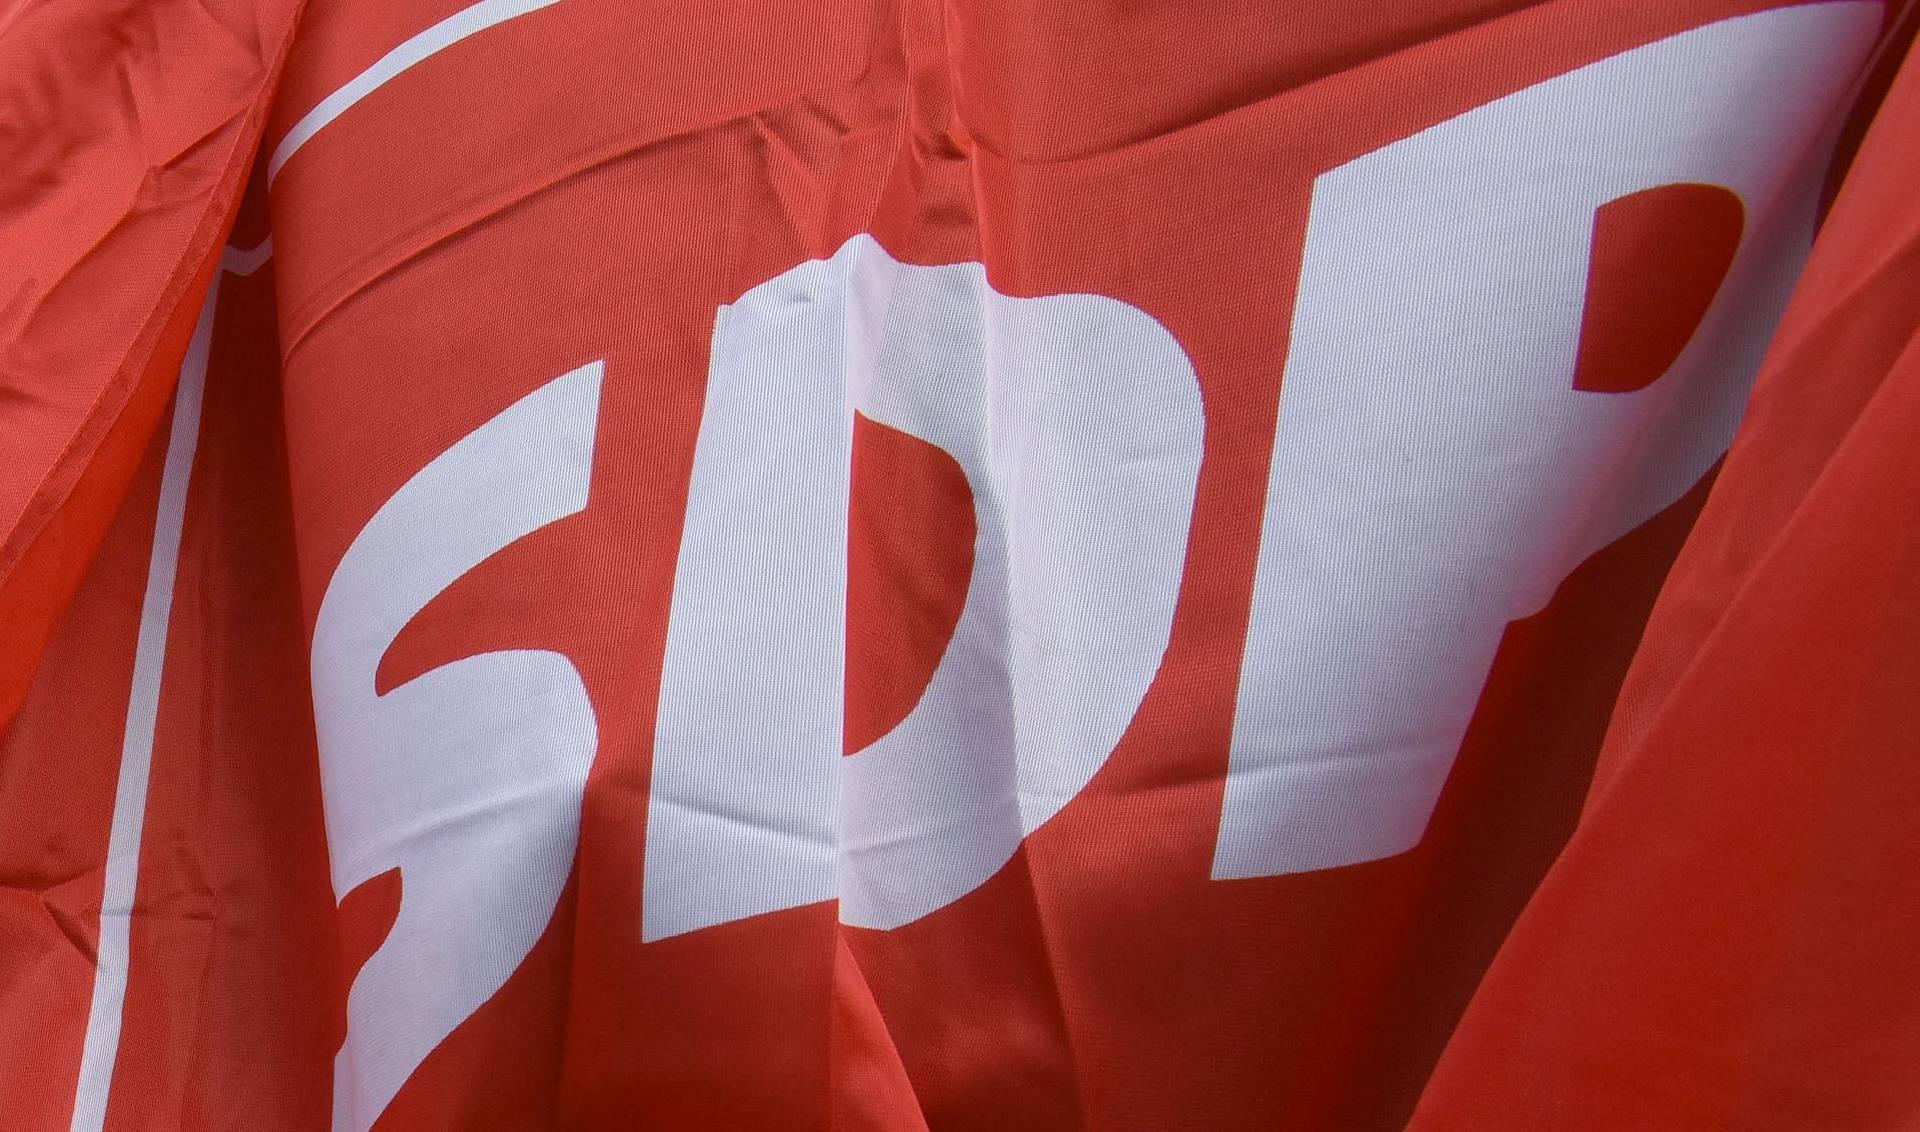 Ispred SDP-a netko je skinuo zastave i pokušao ih zapaliti